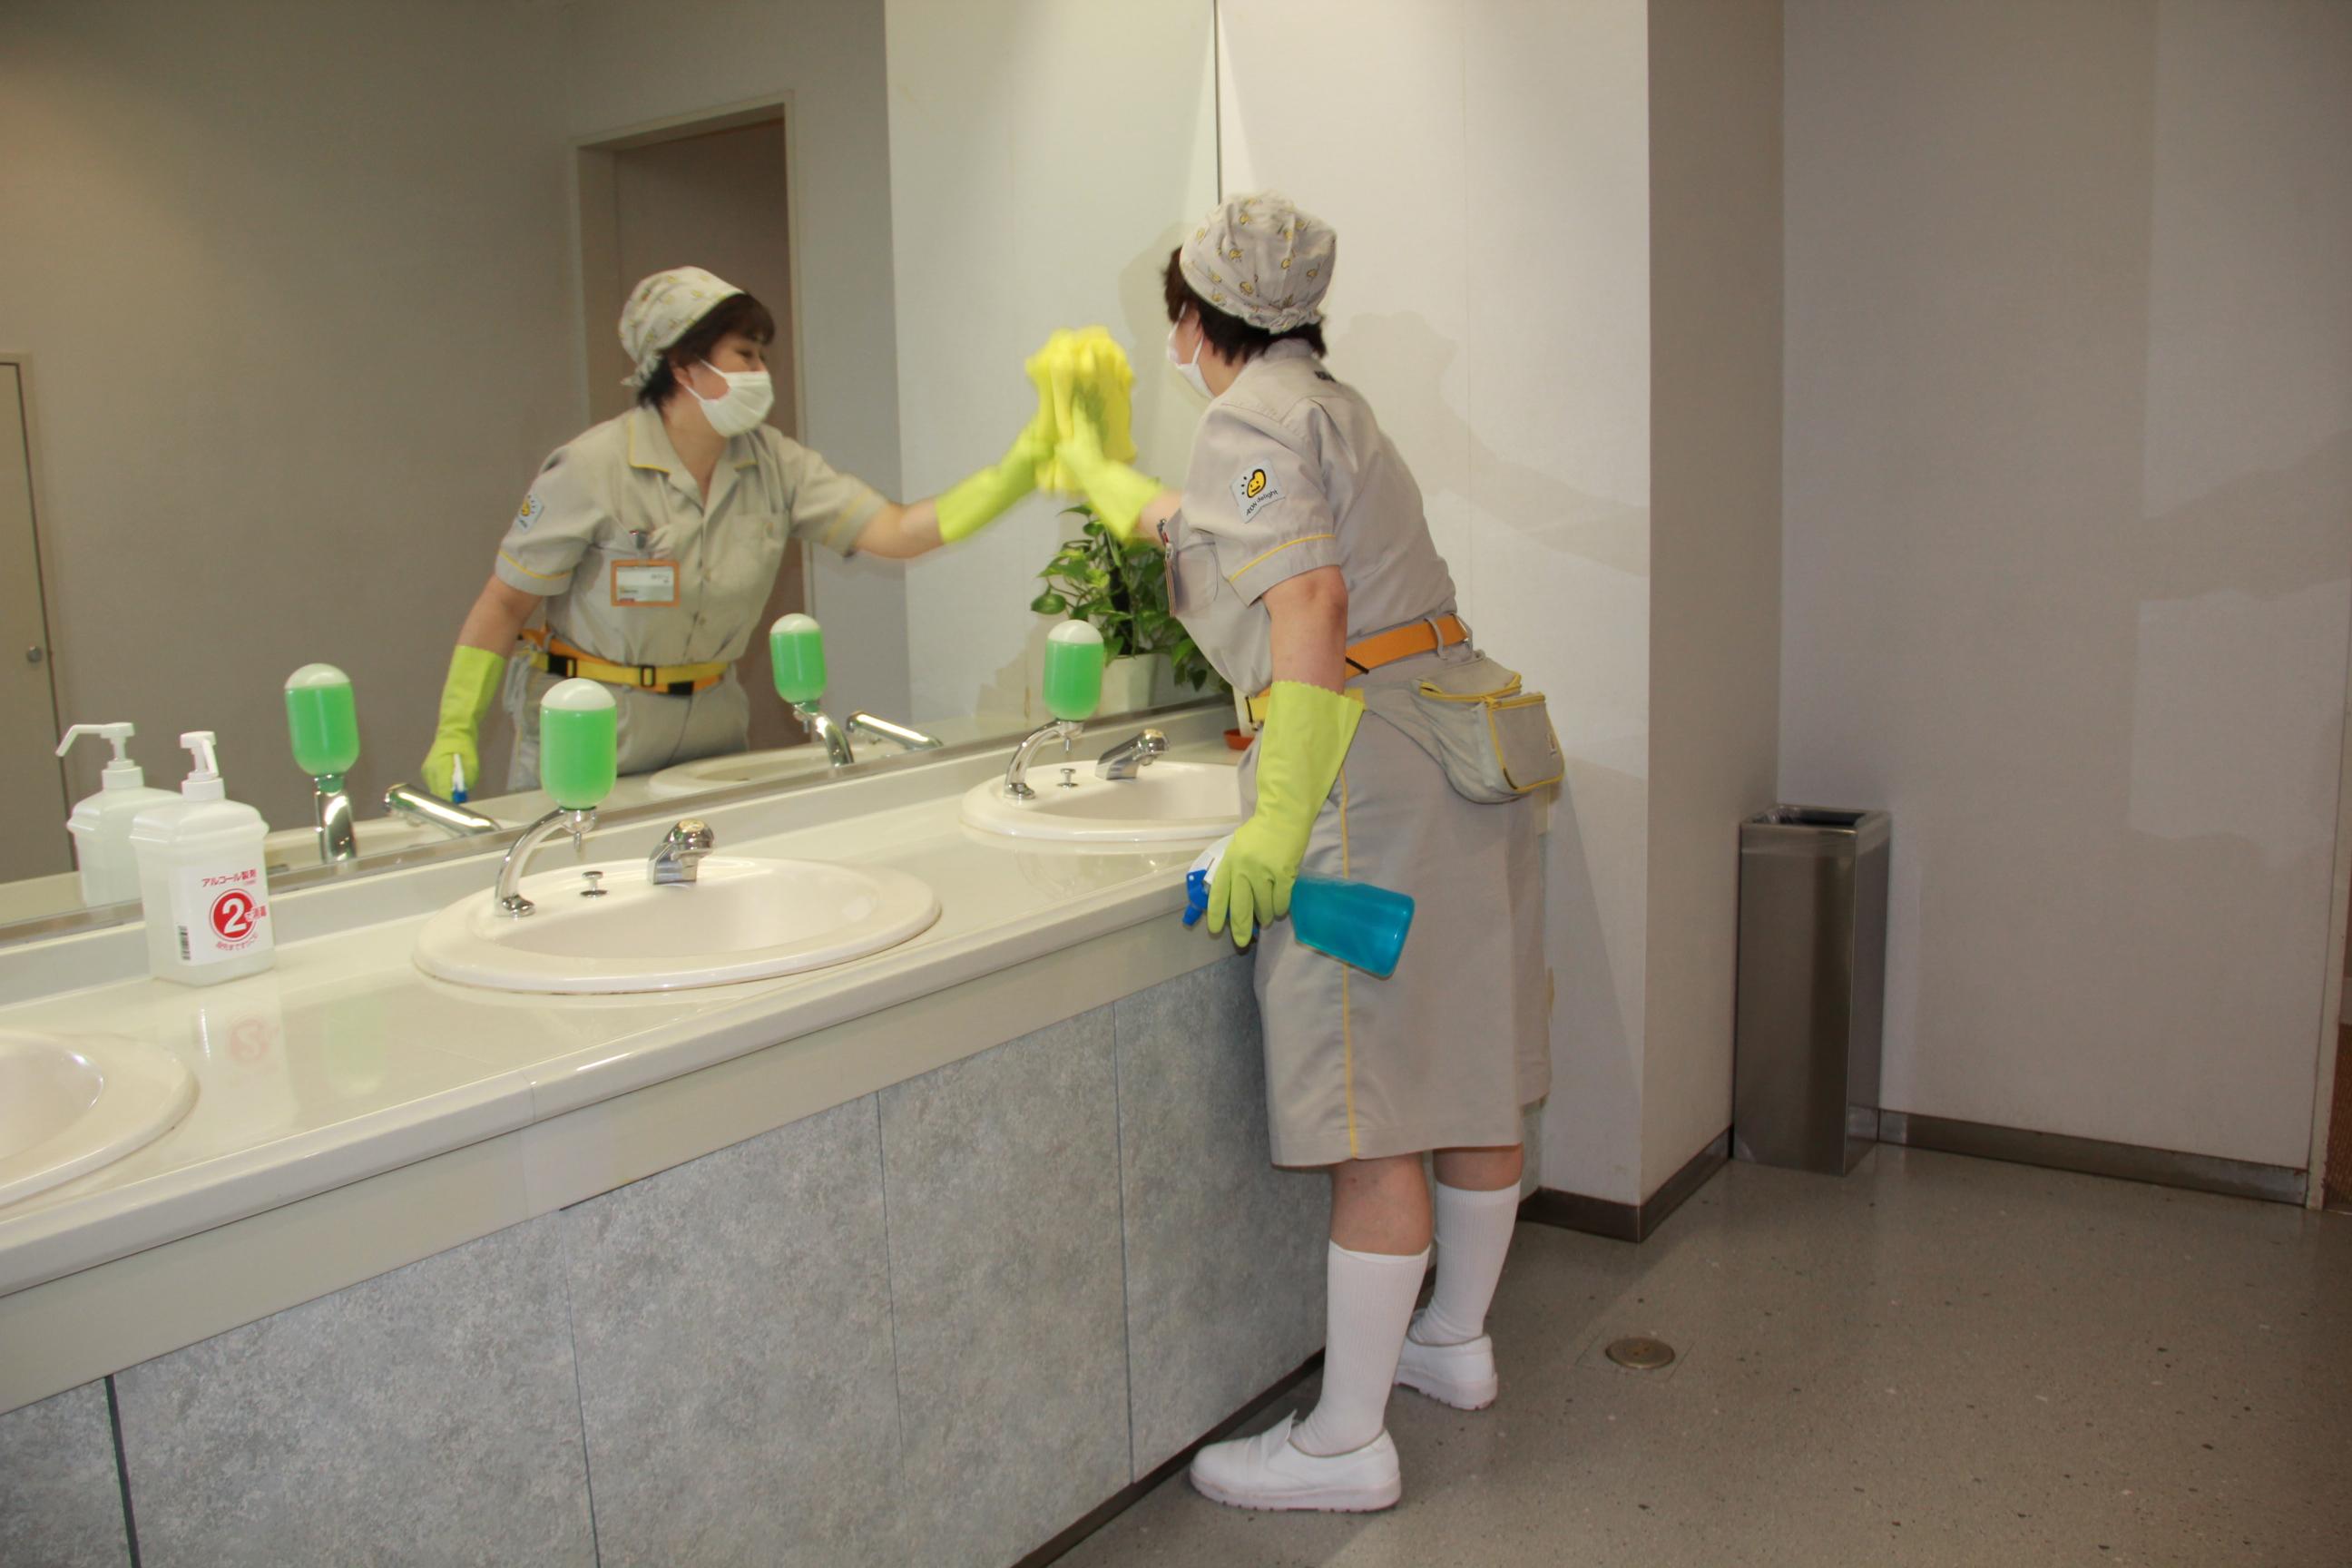 [パ]イオンディライト株式会社 東日本統括(勤務地:大和徳洲会病院)の求人画像